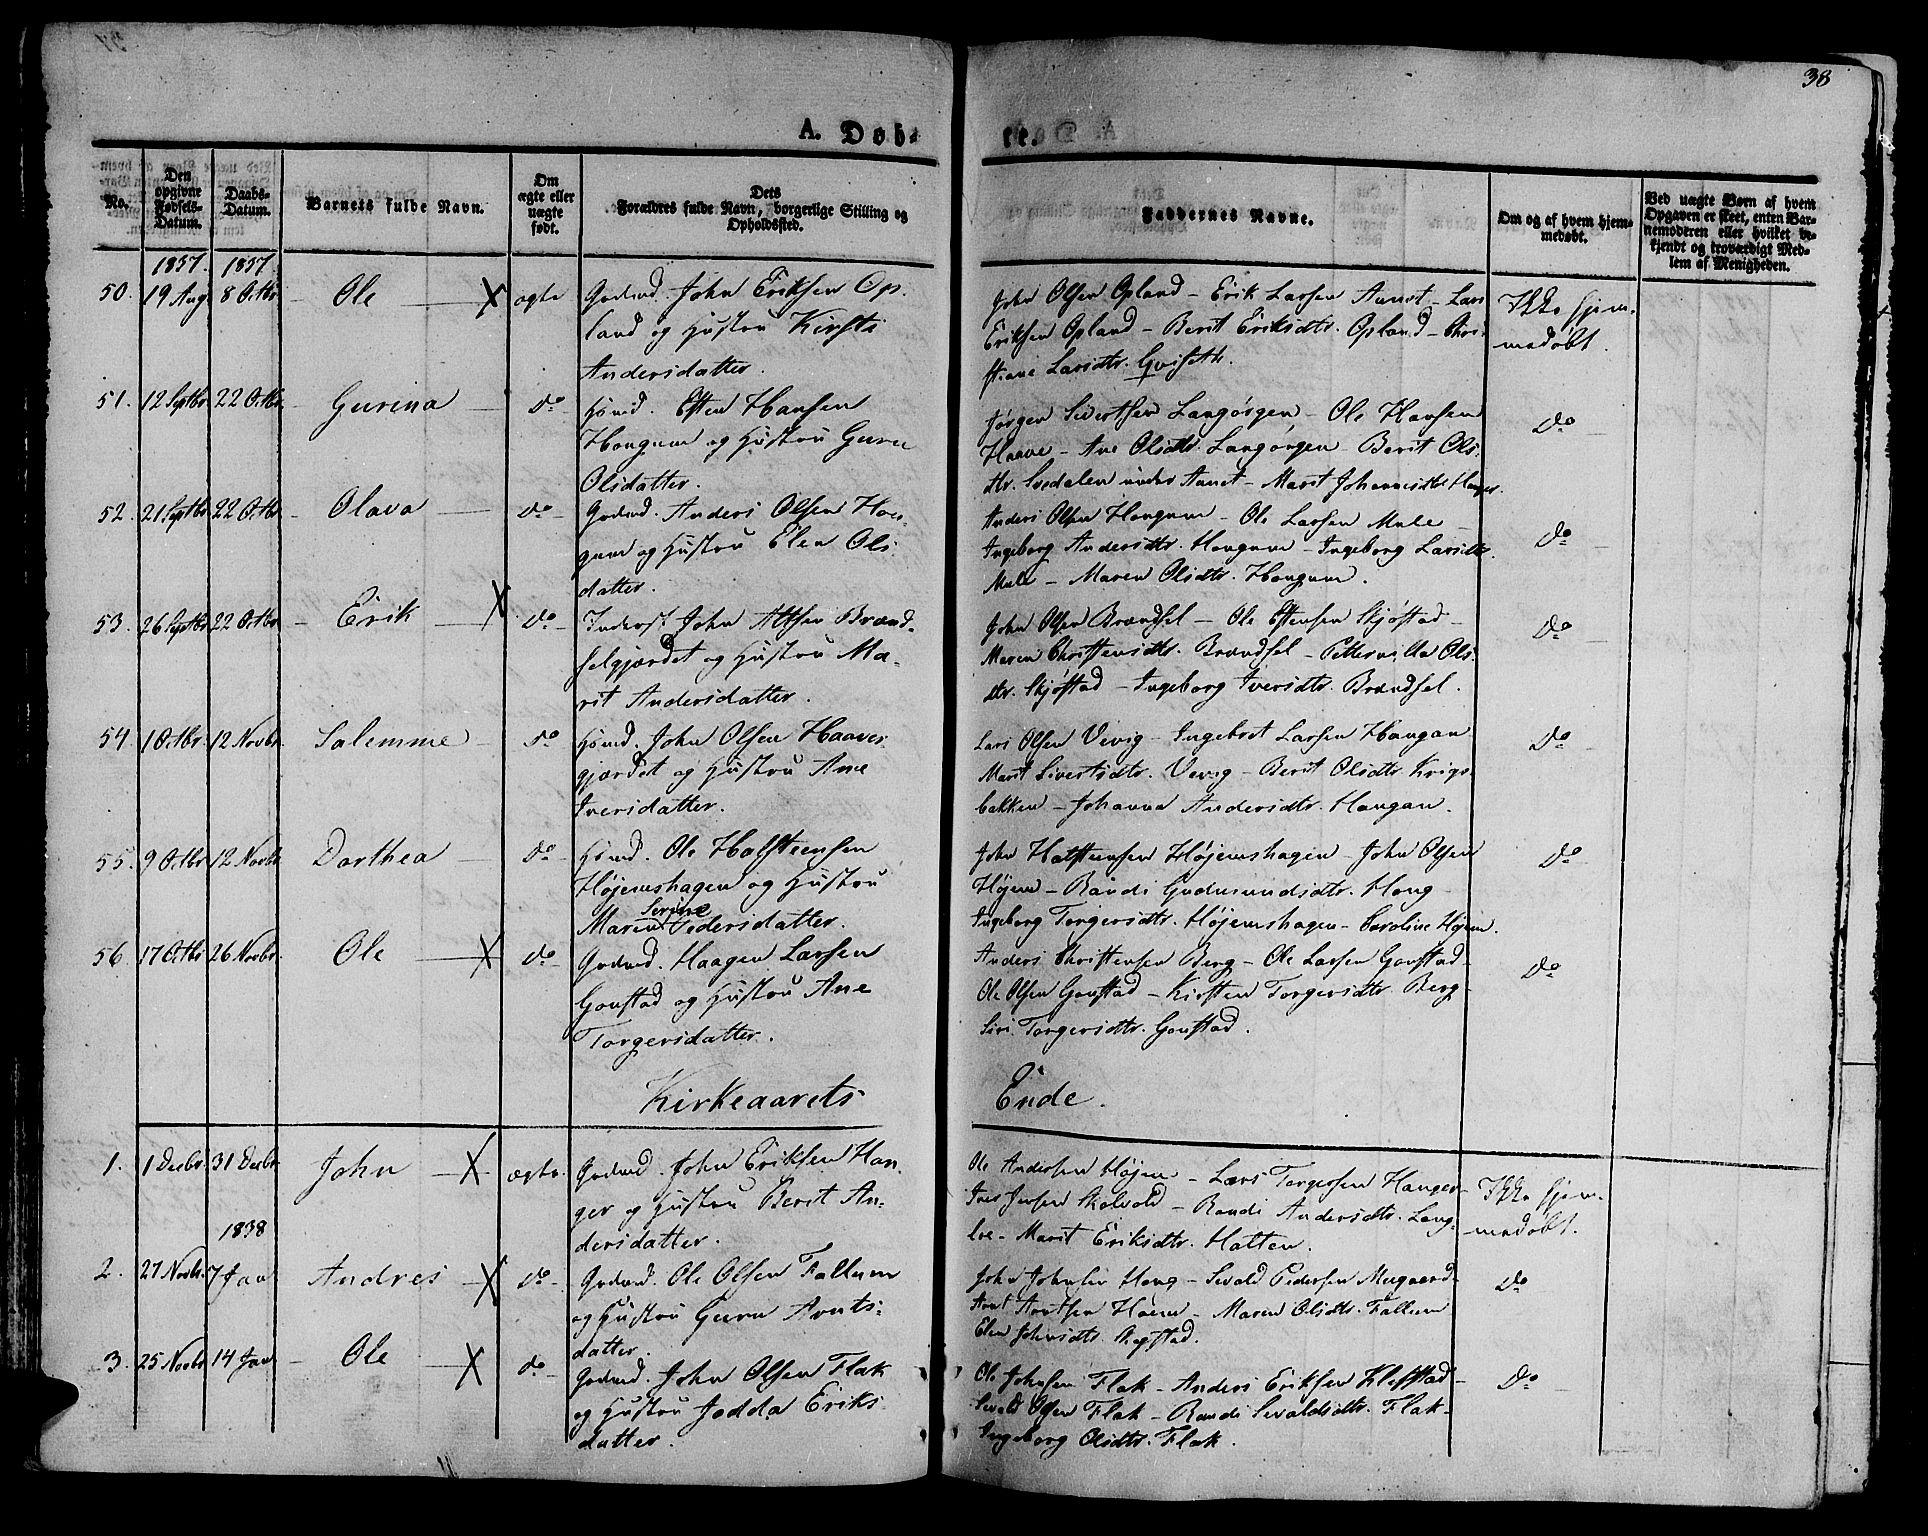 SAT, Ministerialprotokoller, klokkerbøker og fødselsregistre - Sør-Trøndelag, 612/L0374: Ministerialbok nr. 612A07 /1, 1829-1845, s. 38